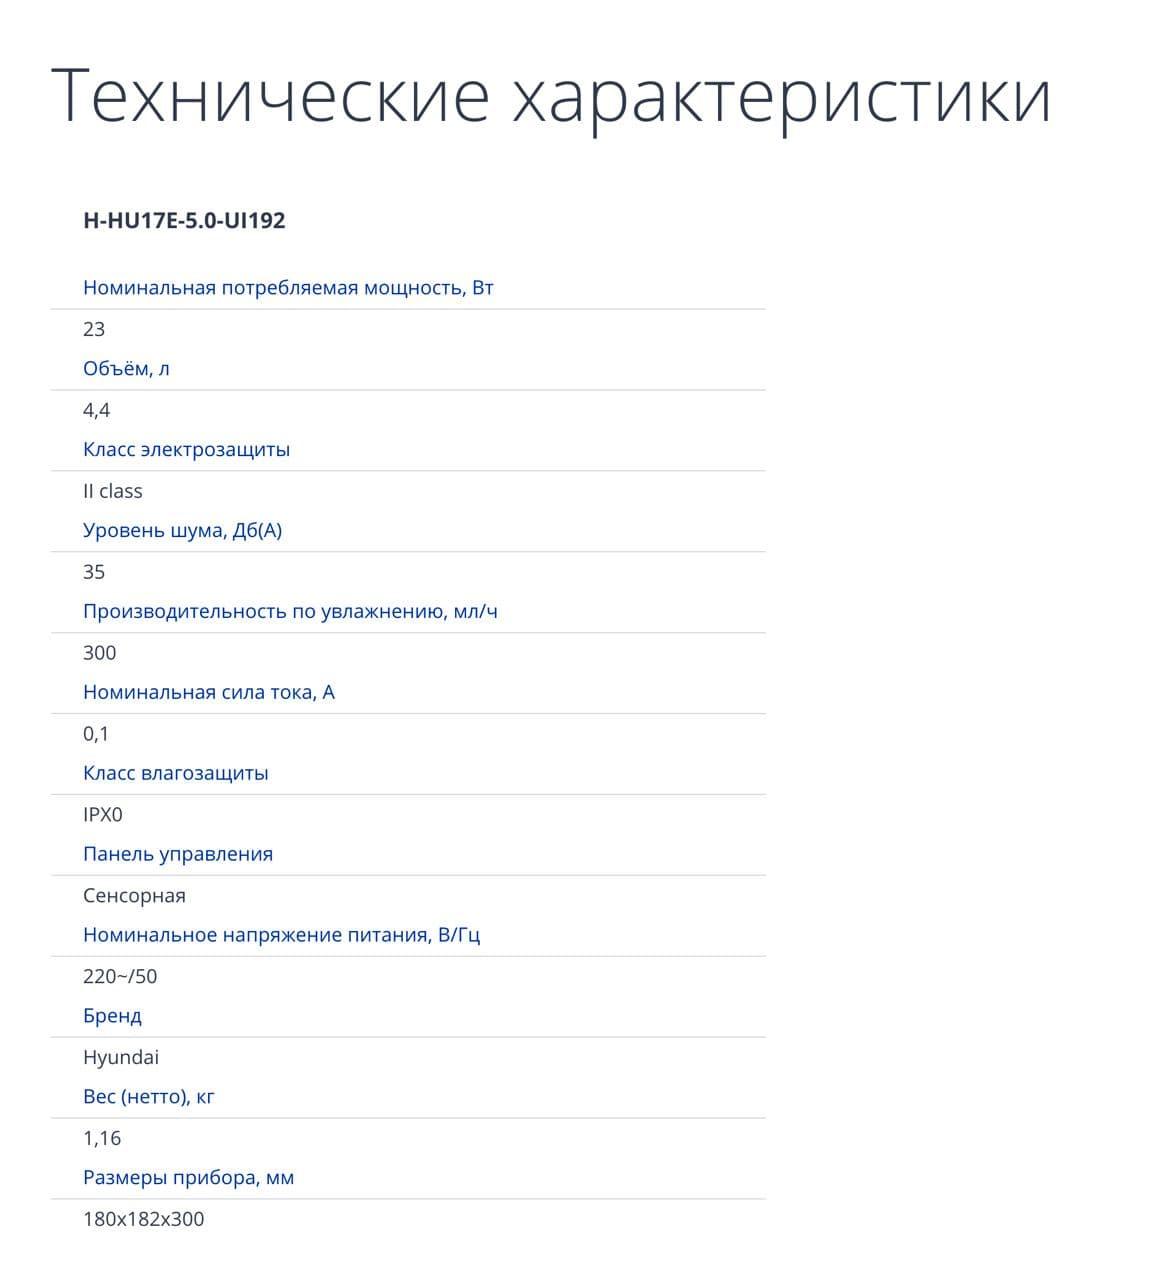 Дизайн списка